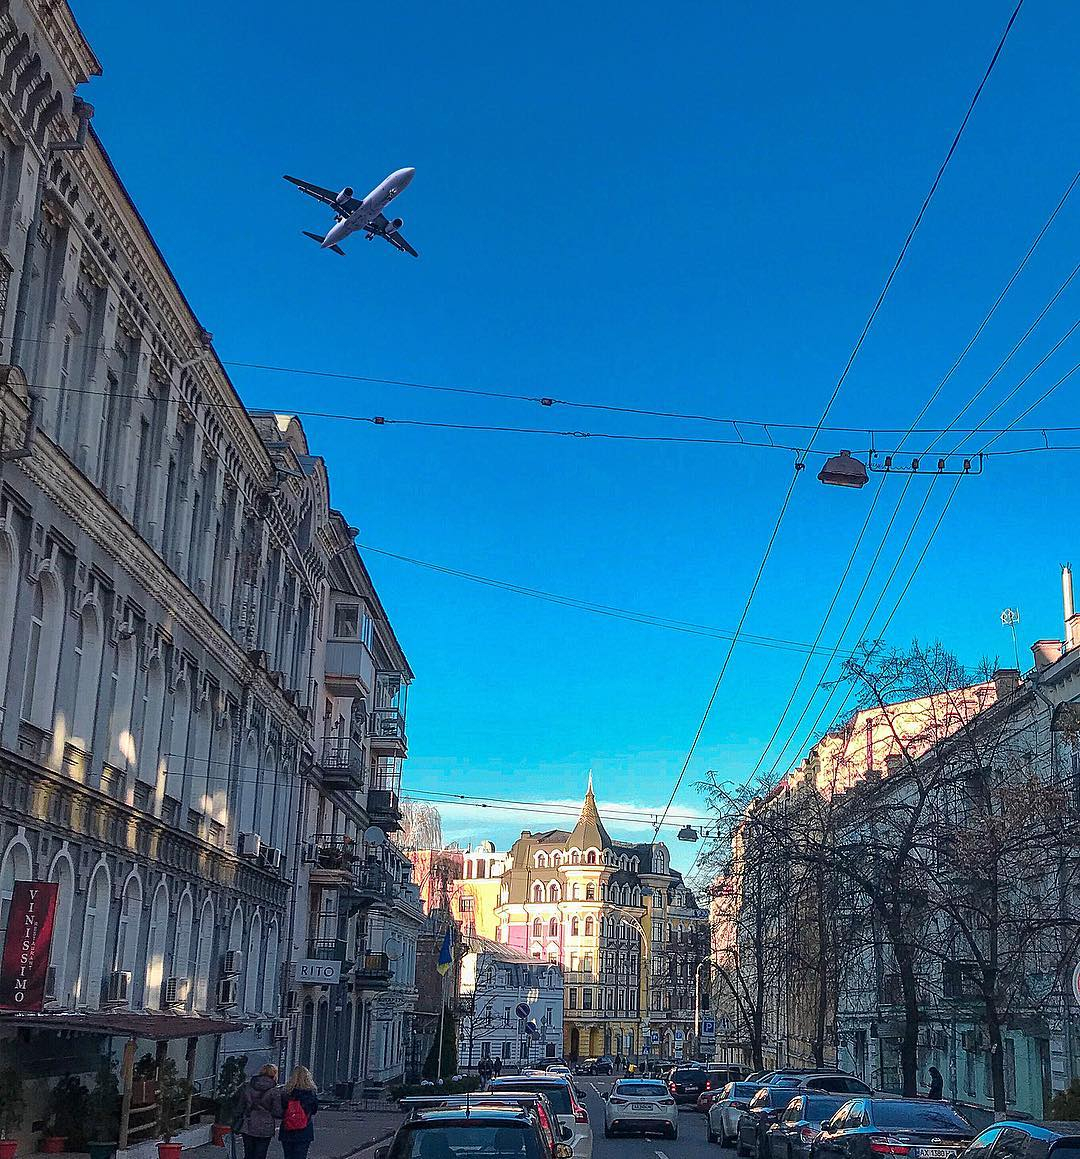 А самолеты покоряют небеса. Фото: @berssalice_photo